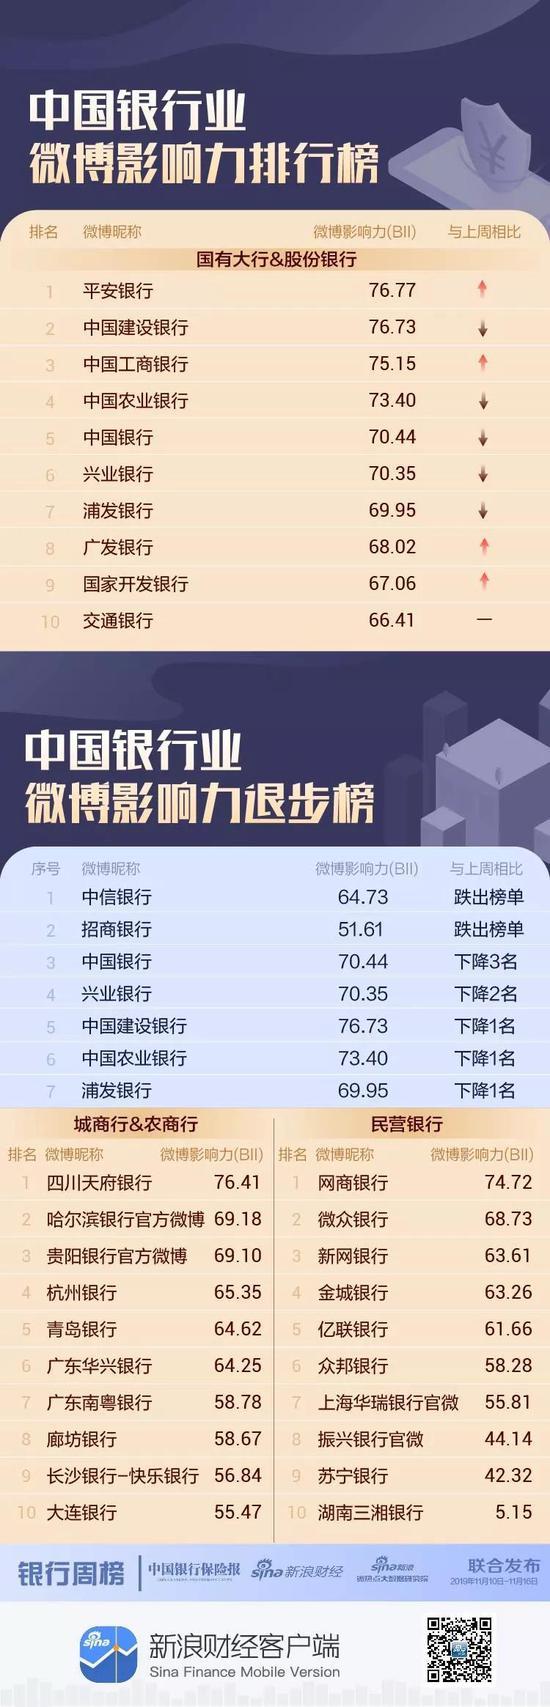 万通彩票网站登陆·太原机场协同决策系统(A-CDM)获民航局评估最高等级A级评价